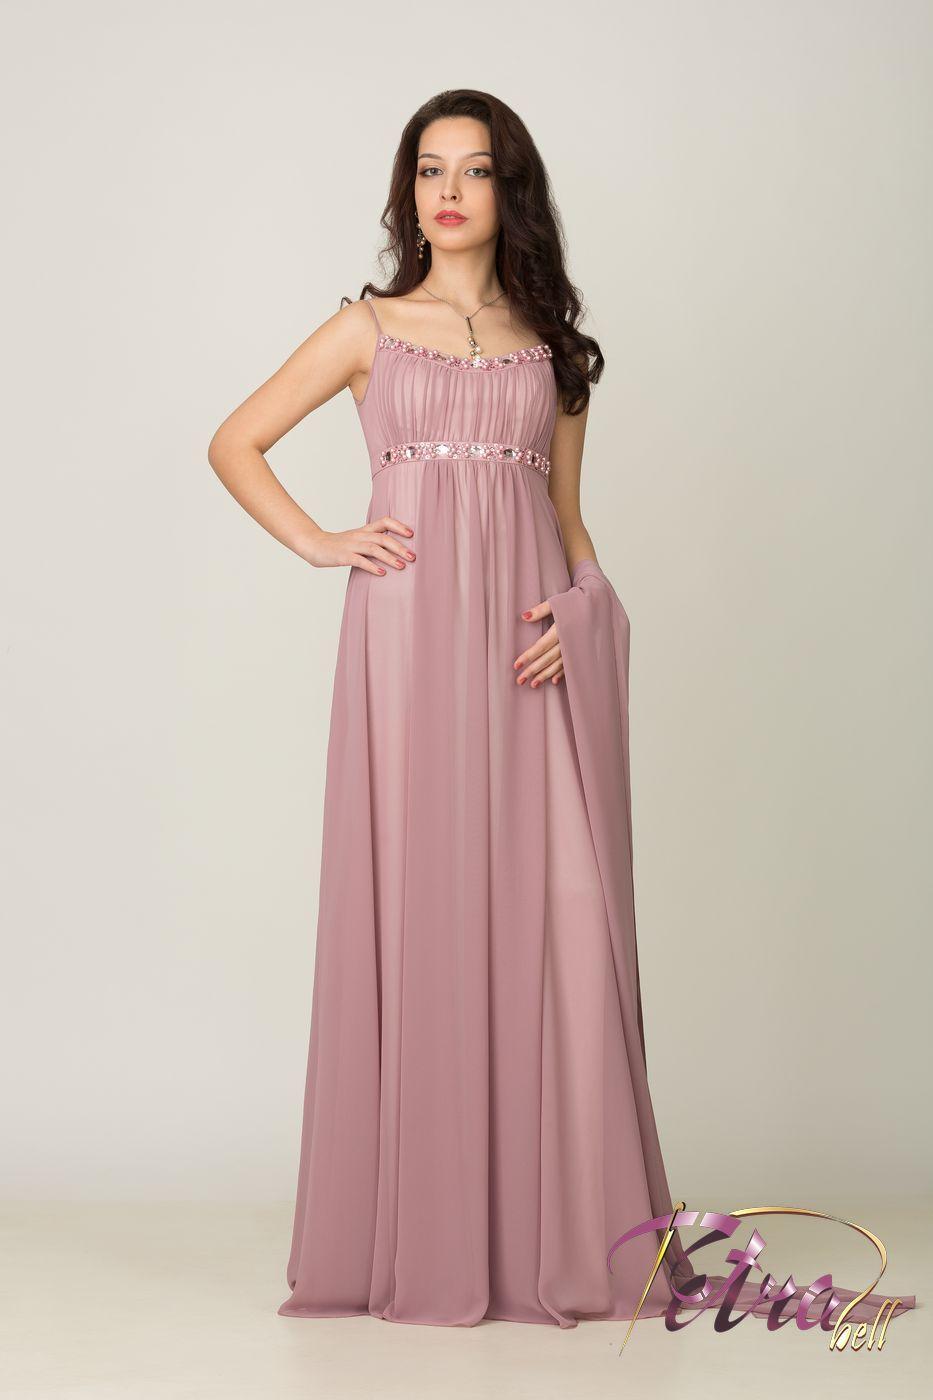 Long Dresses For Prom from Tetrabel. #LongDressesForProm ...